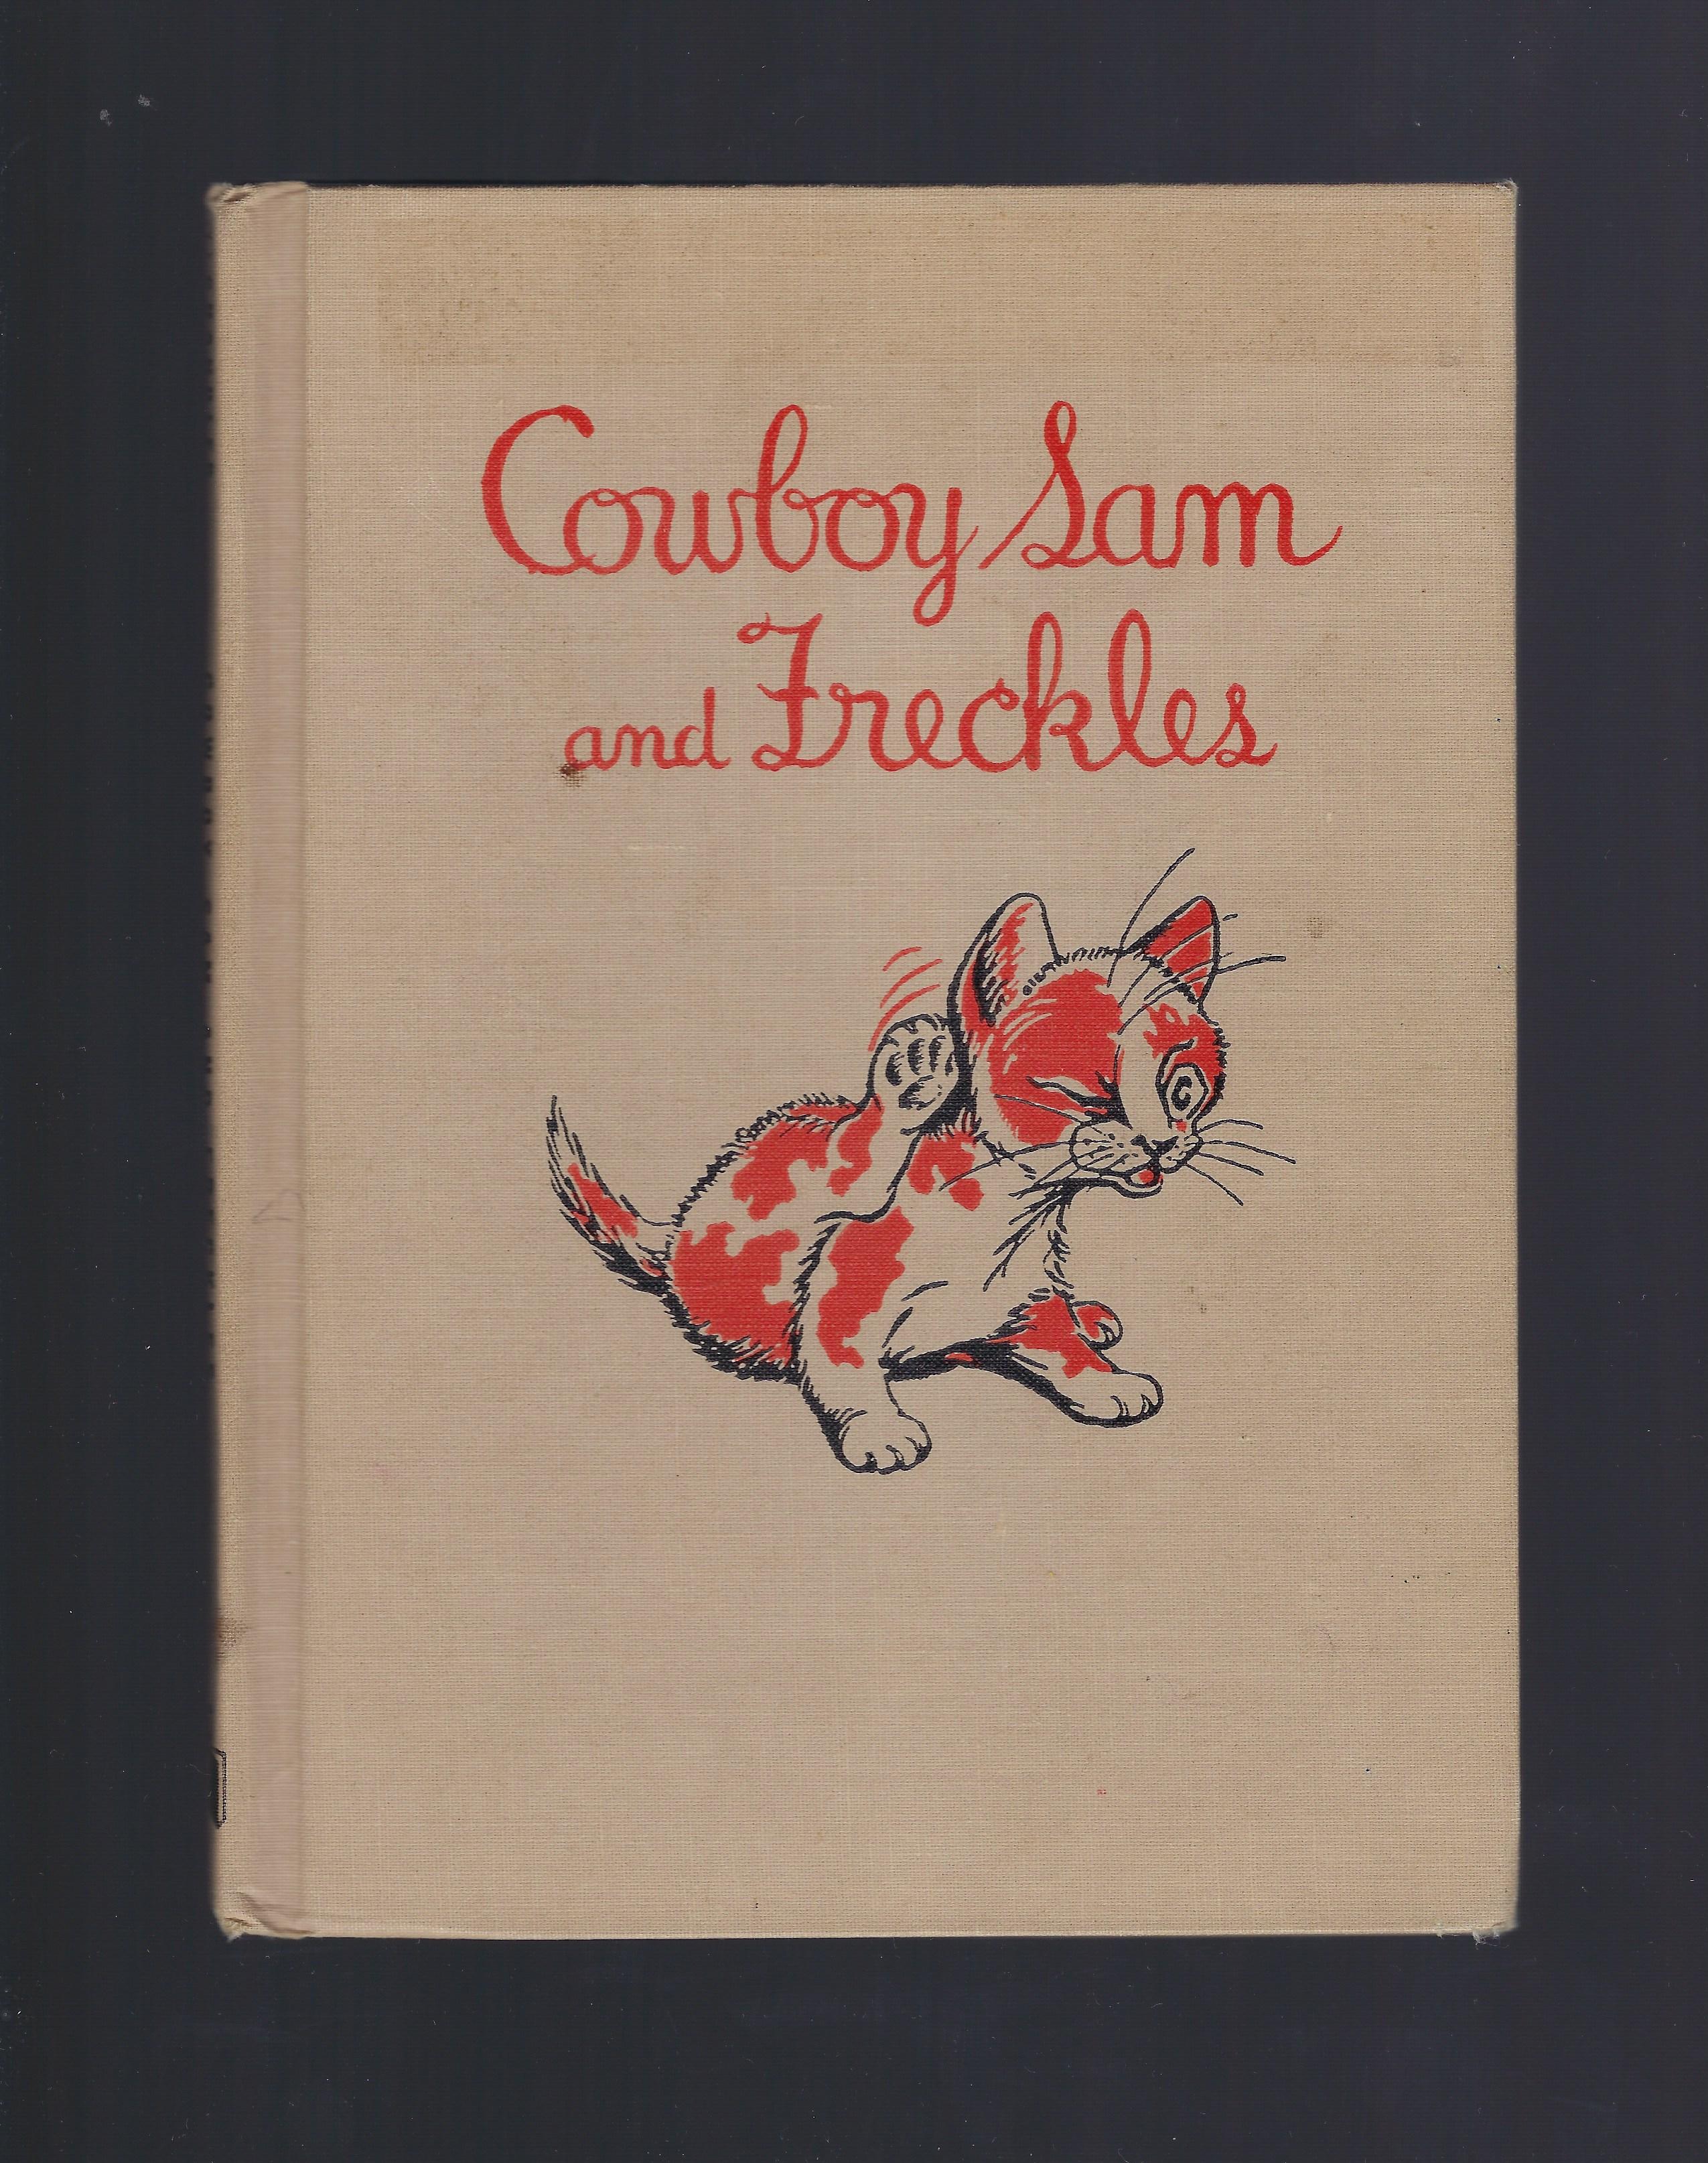 Cowboy Sam and Freckles 1960, Edna Walker Chandler; Jack Merryweather [Illustrator]